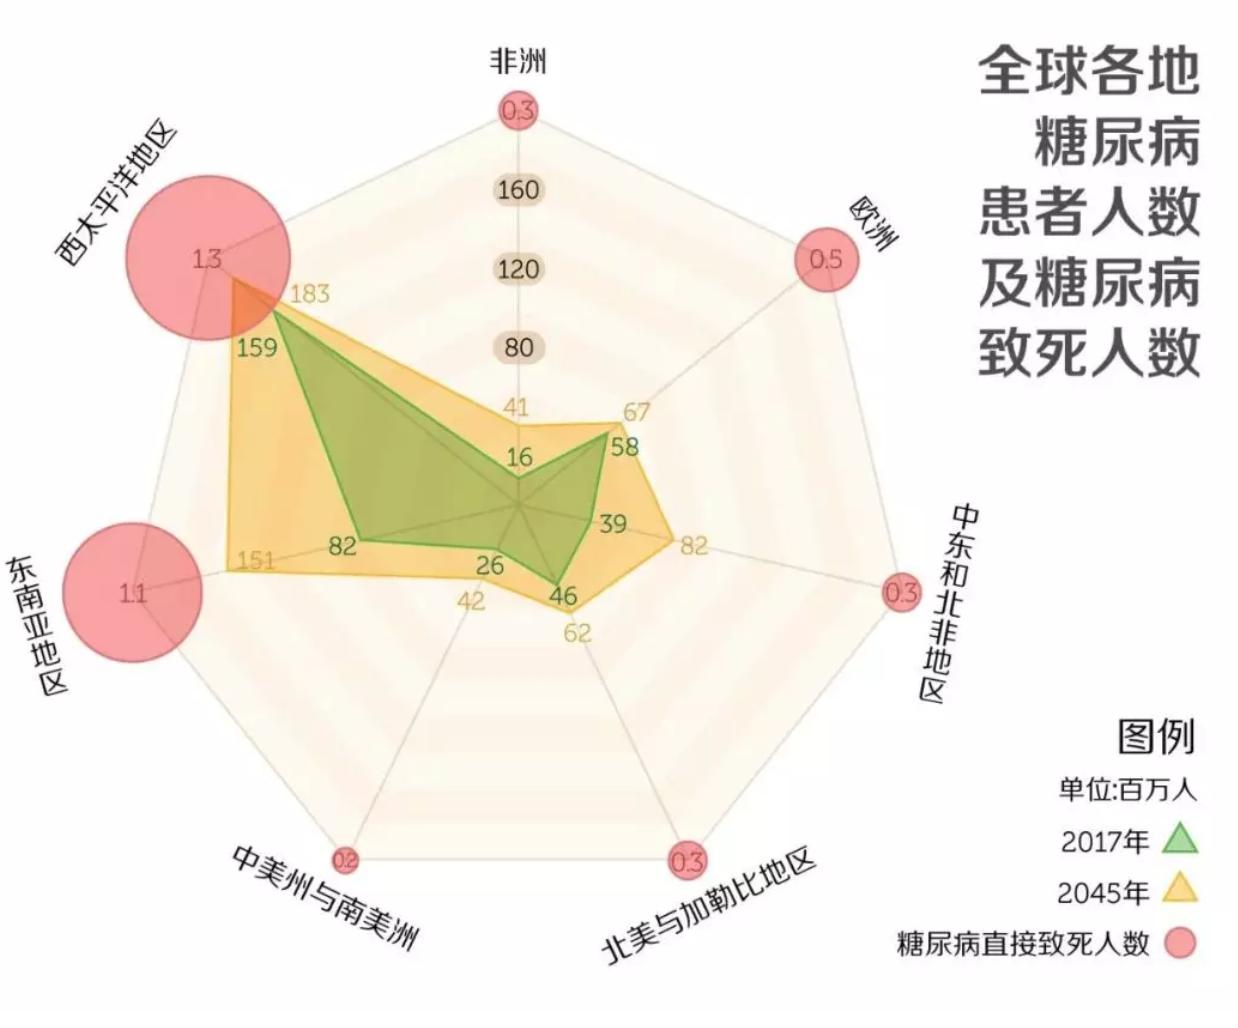 中国干细胞糖尿病临床应用项目前景可期,干细胞糖尿病真的有效吗?